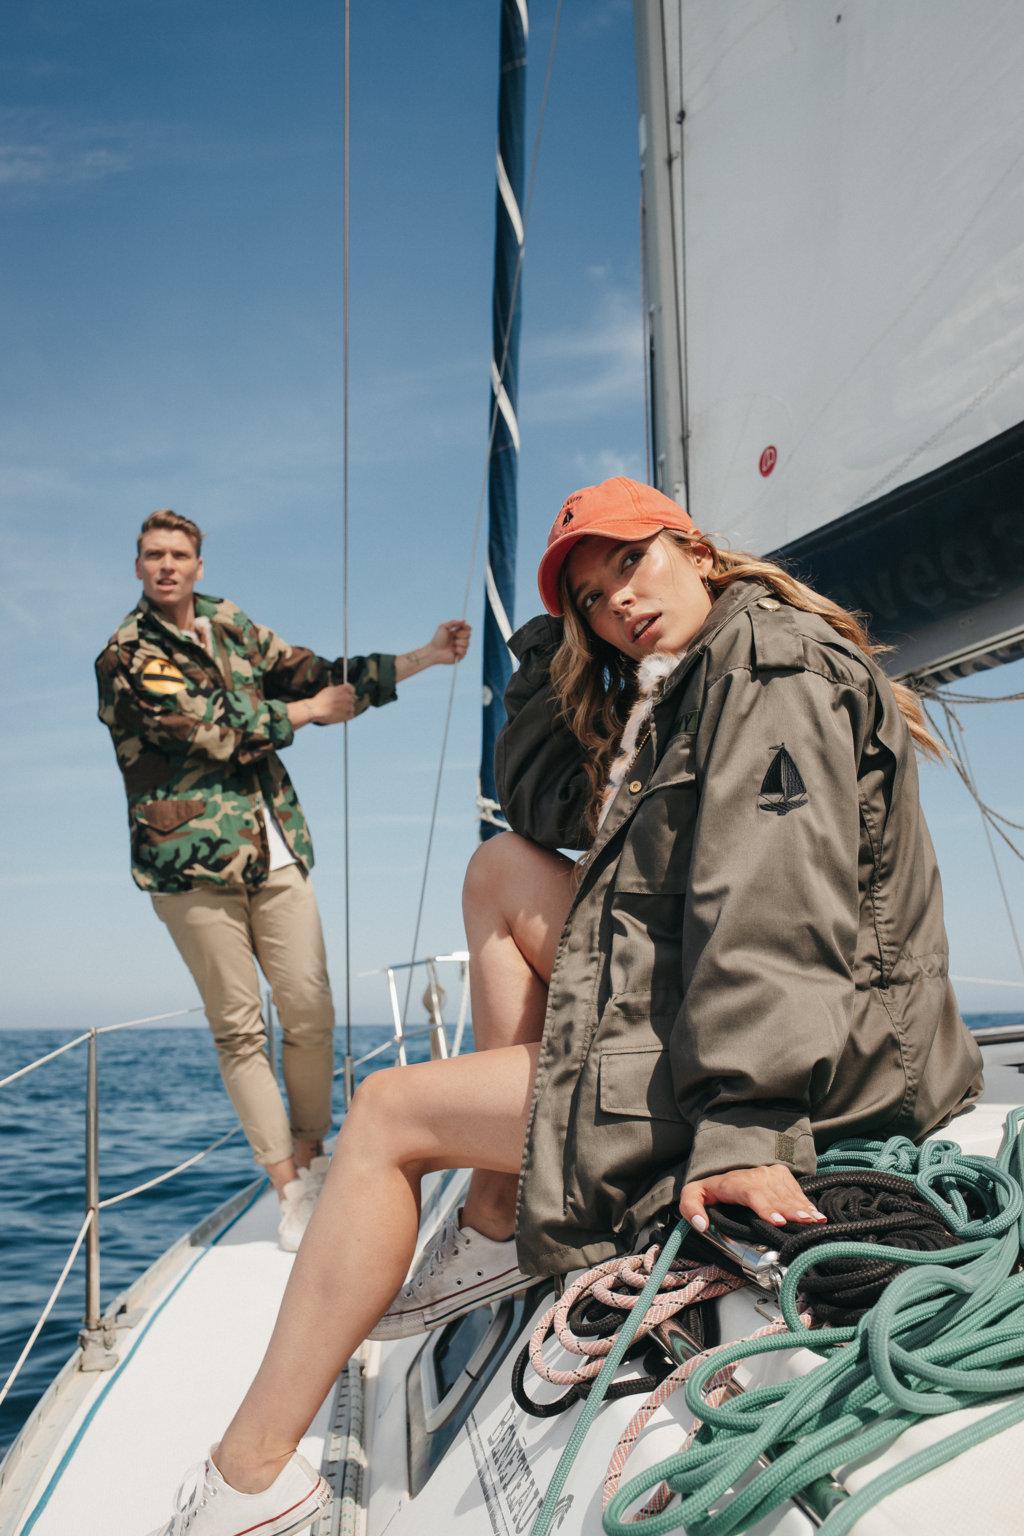 Italian jacket still allive ohiana barrasa -SevenTimes